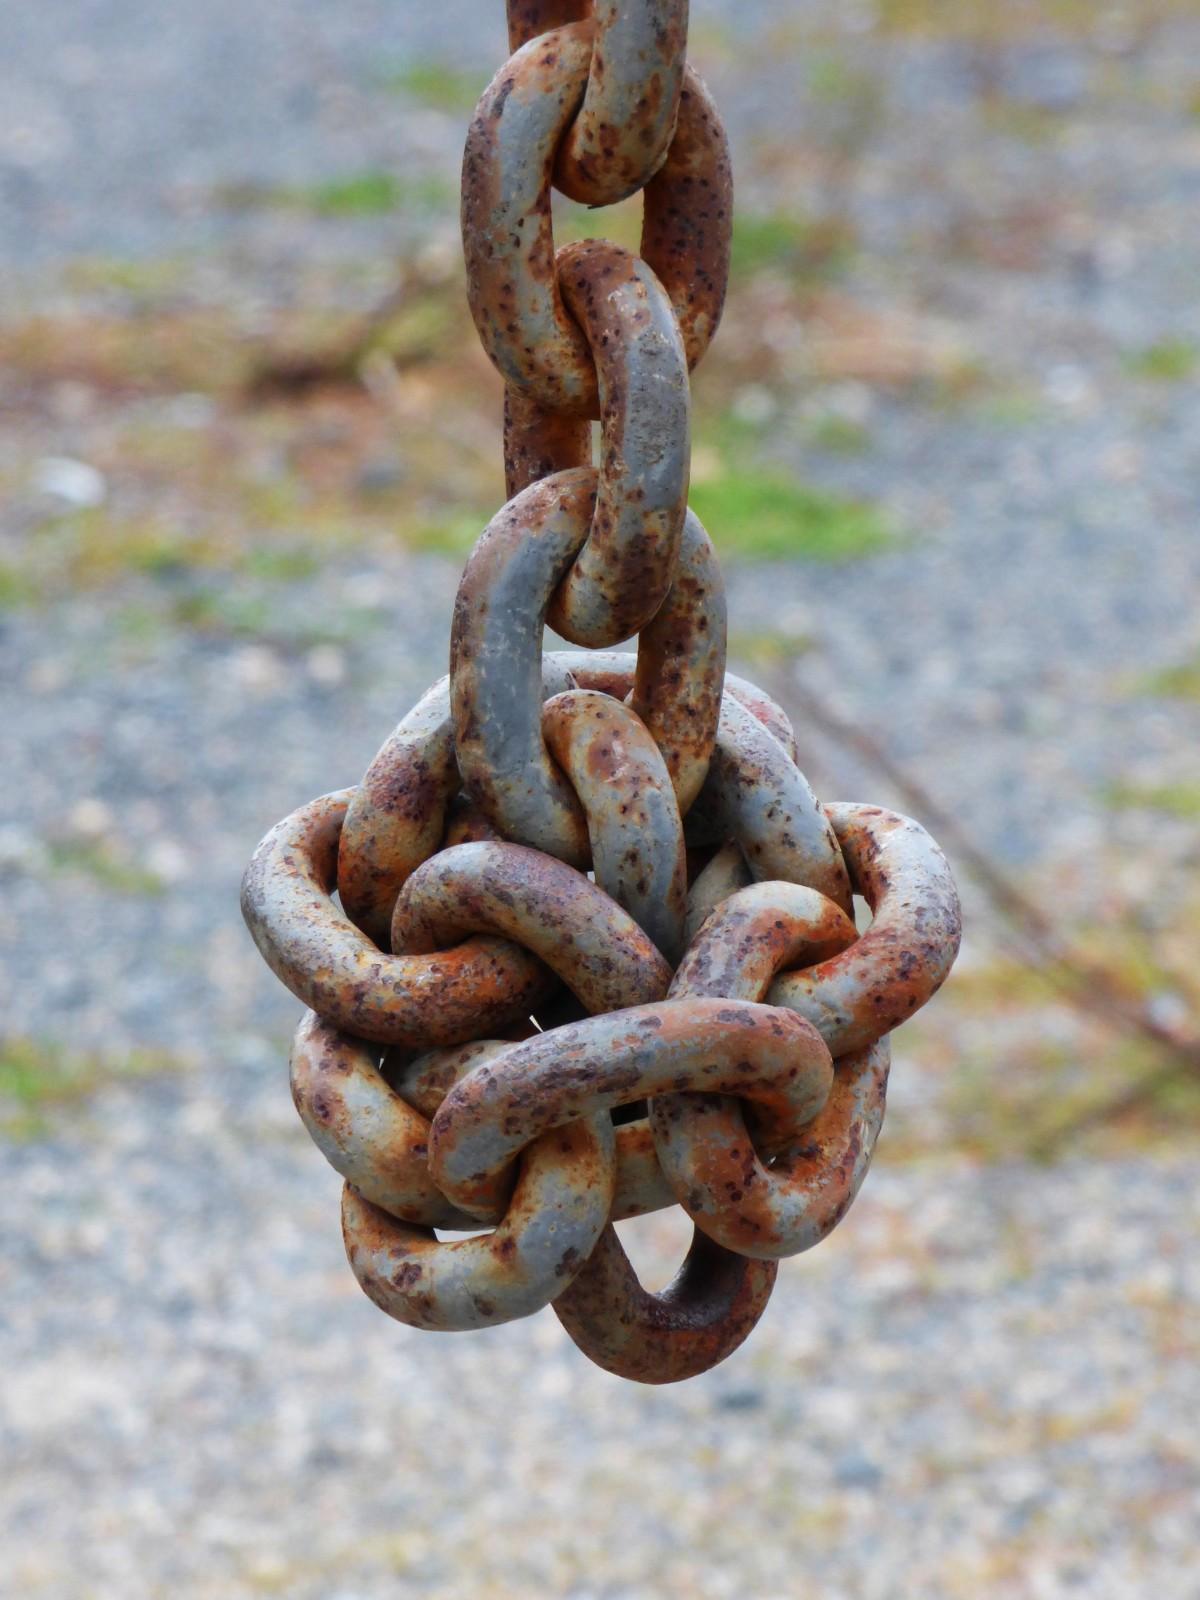 chaîne métal Matériel rouillé serpent des liens nœud serpent compliqué Enchevêtré